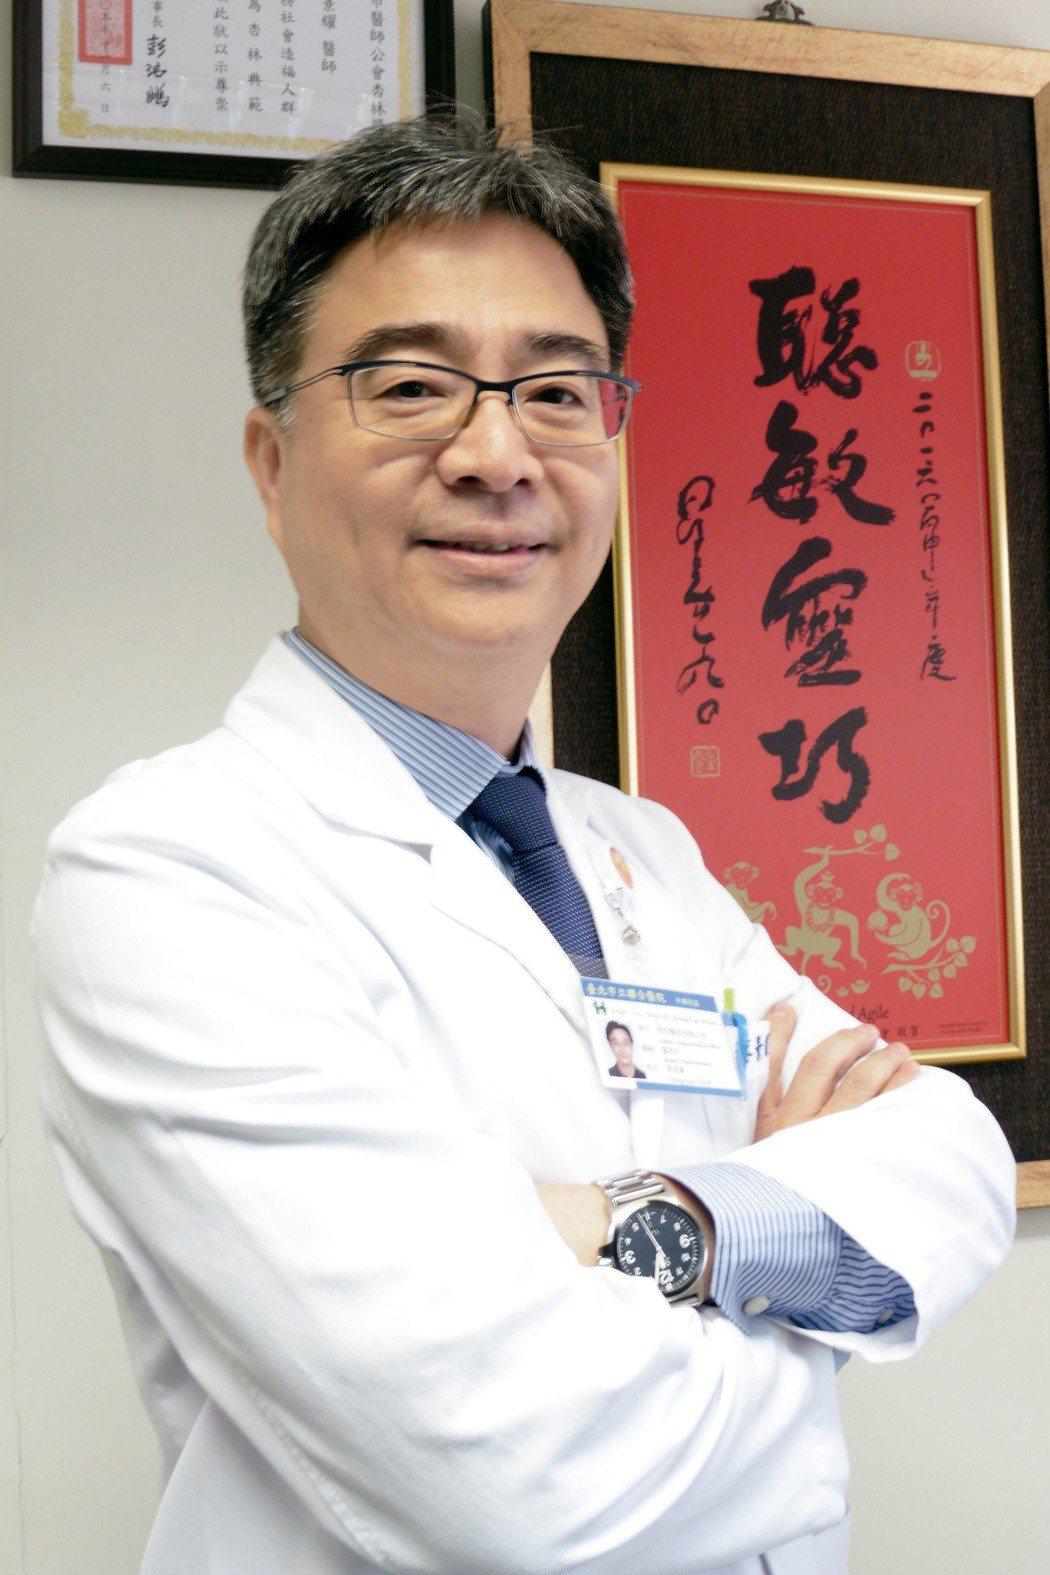 北市聯醫中興院區醫務長 眼科主治醫師蔡景耀說,在眾多威脅孩子視力的因素中,3C就...